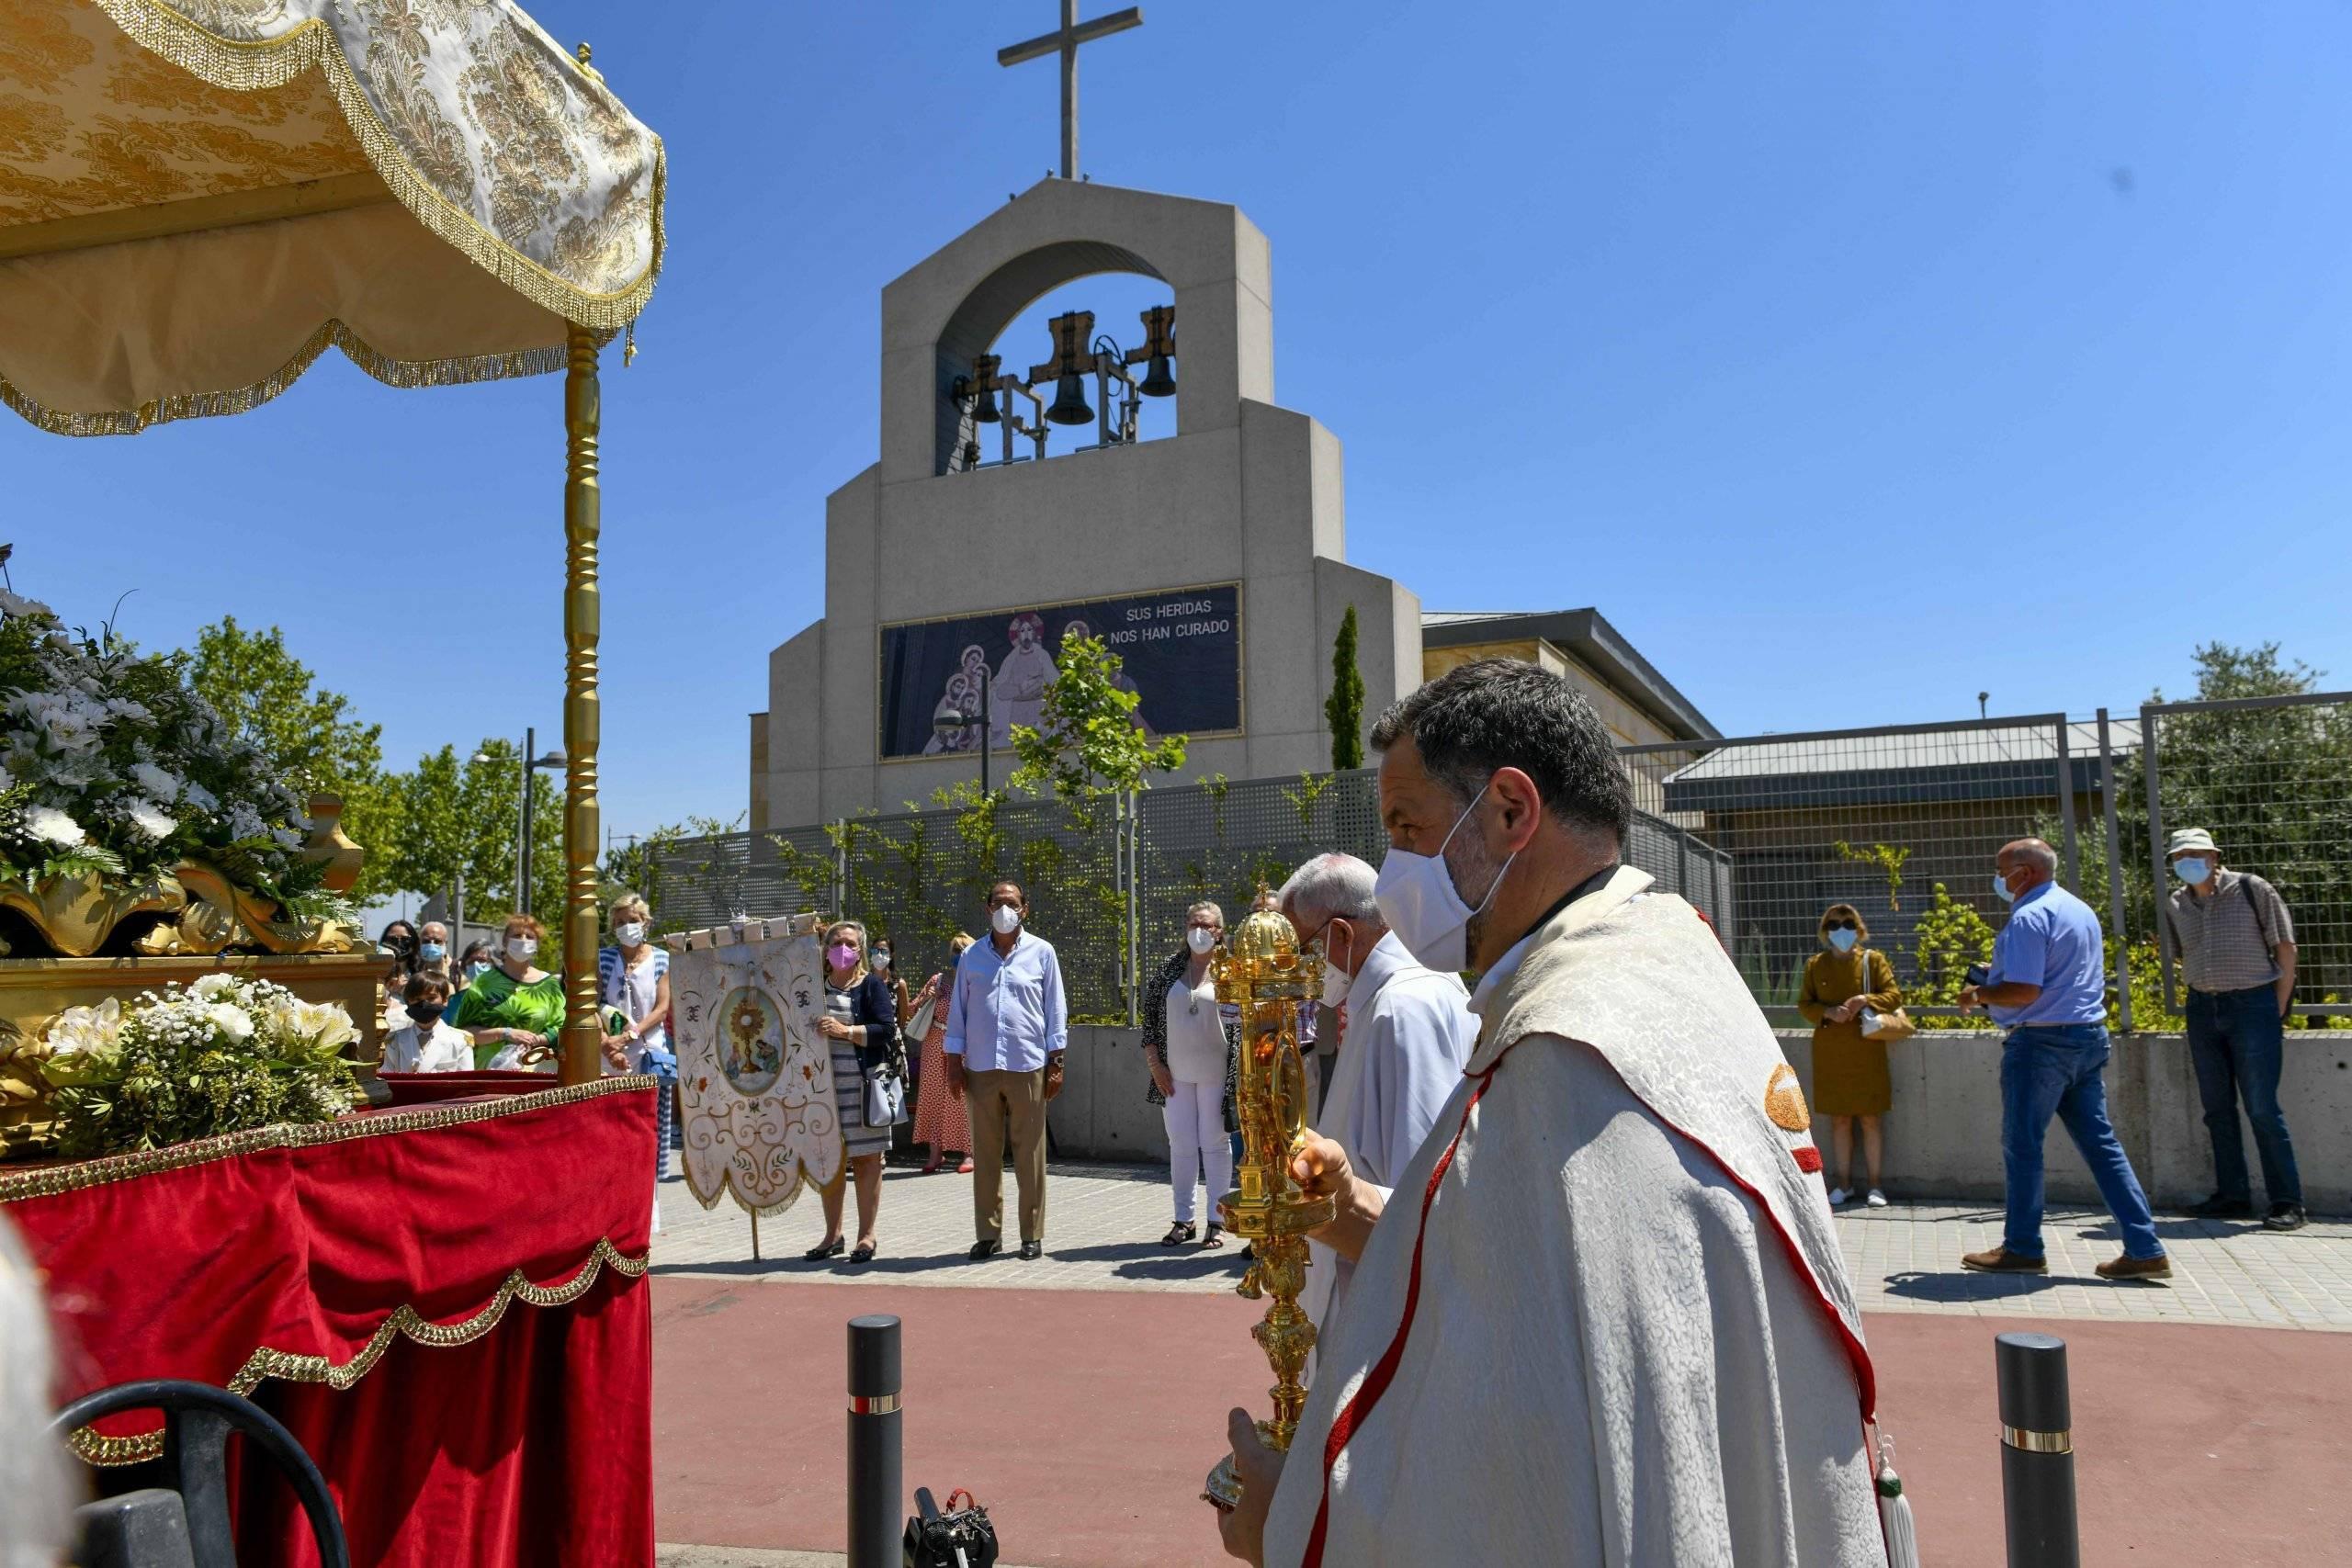 Llegada de la procesión del Corpus Christi a la parroquia San Carlos Borromeo.